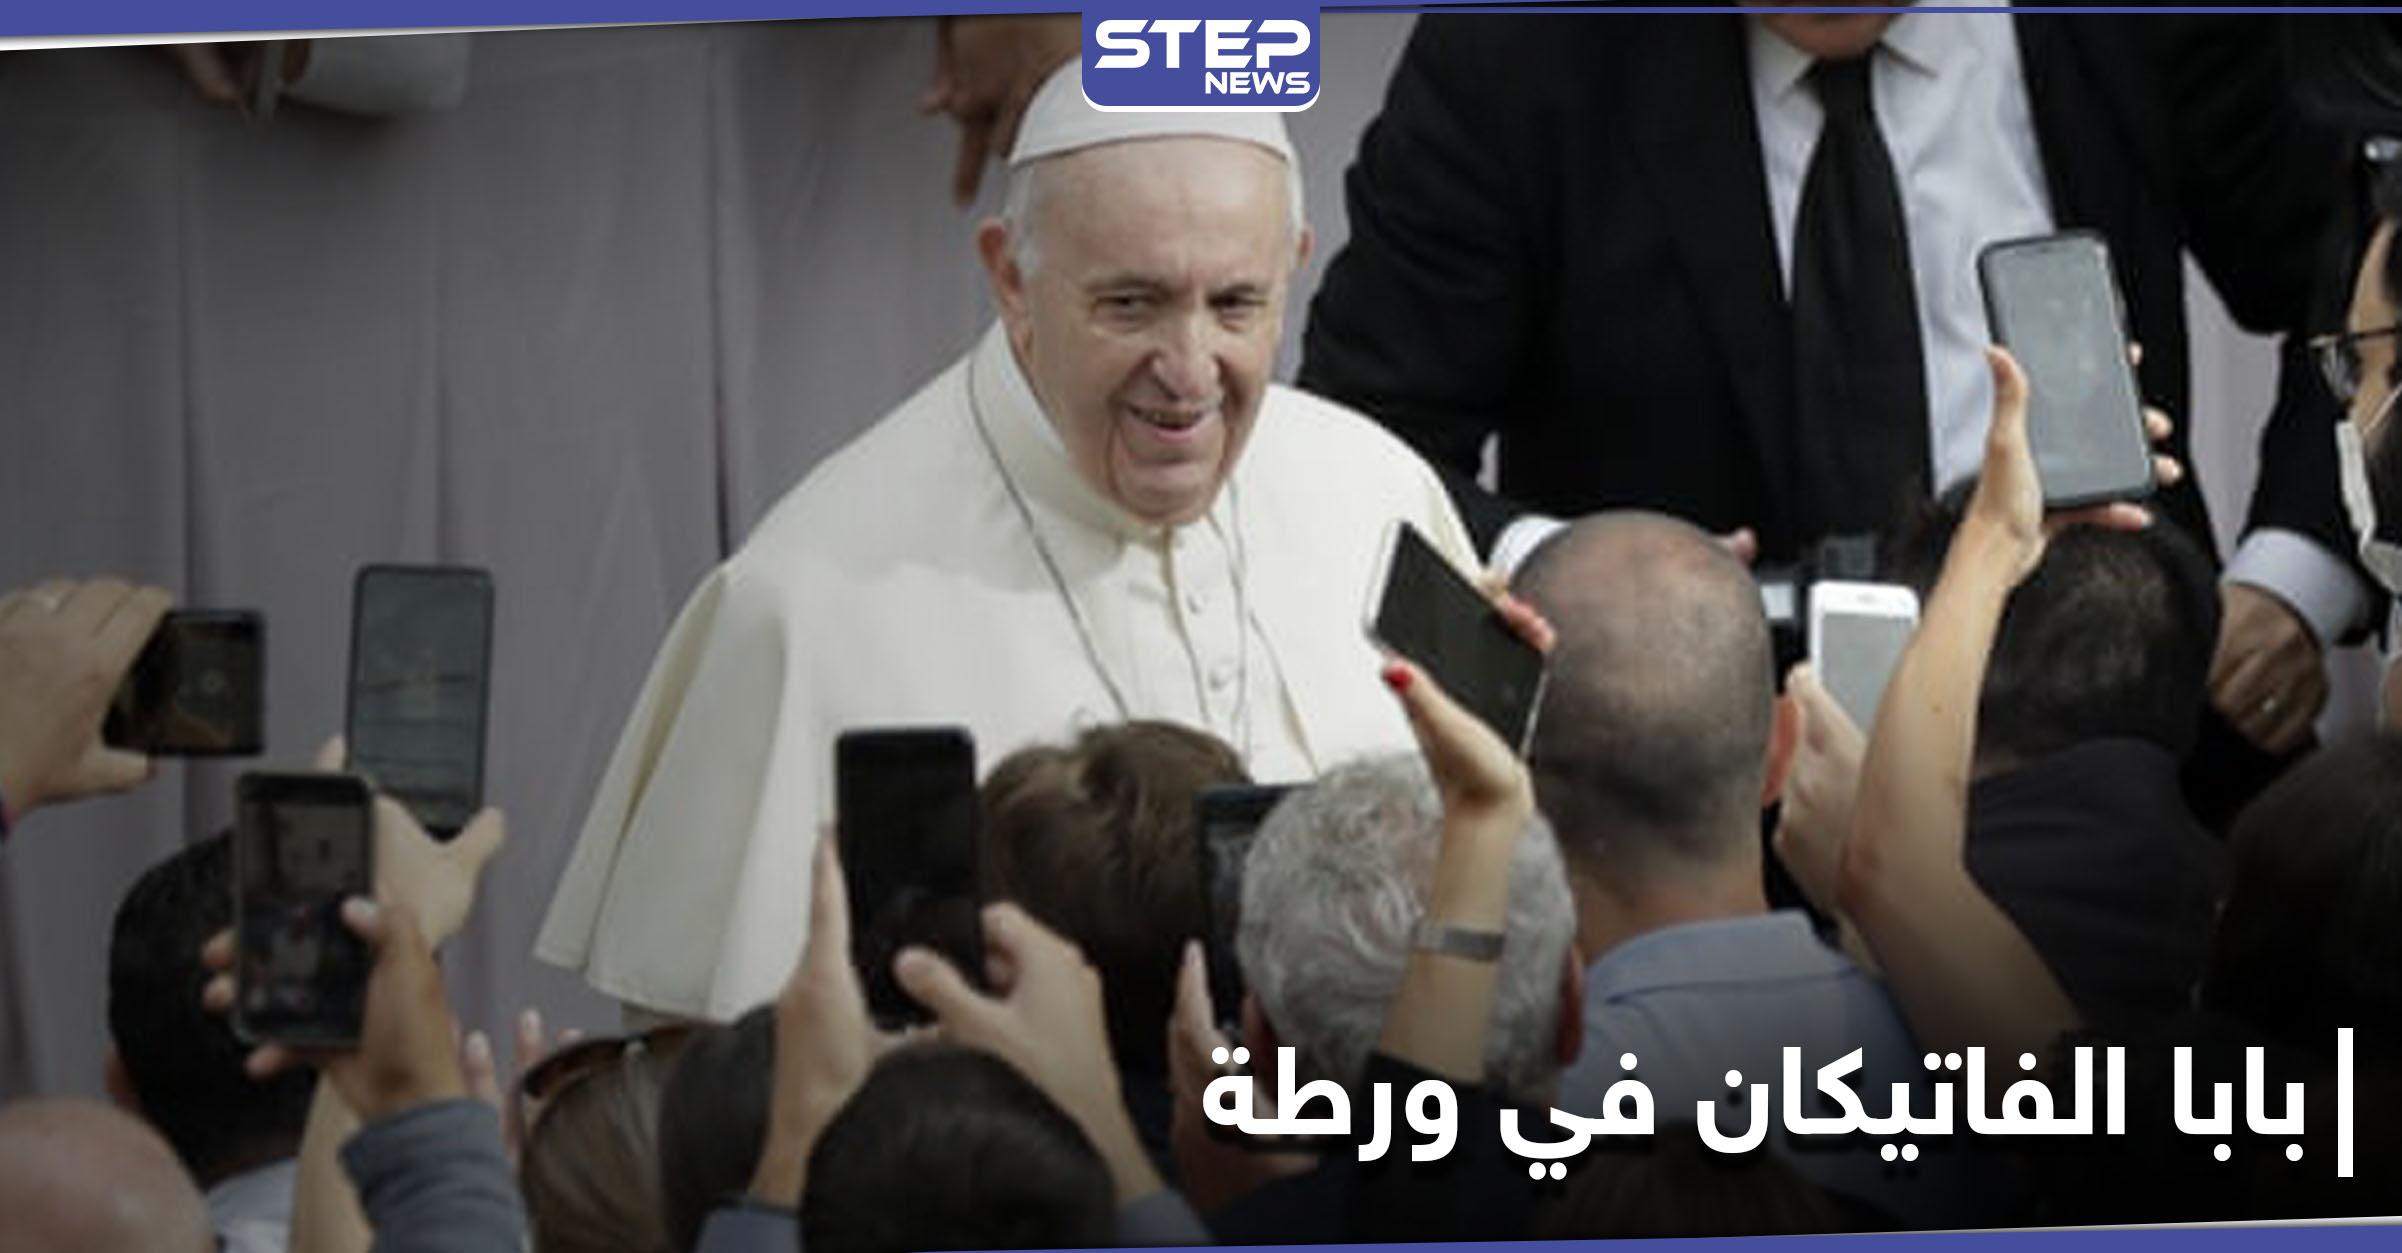 عارضة أزياء برازيلة توقع بابا الفاتيكان في ورطة